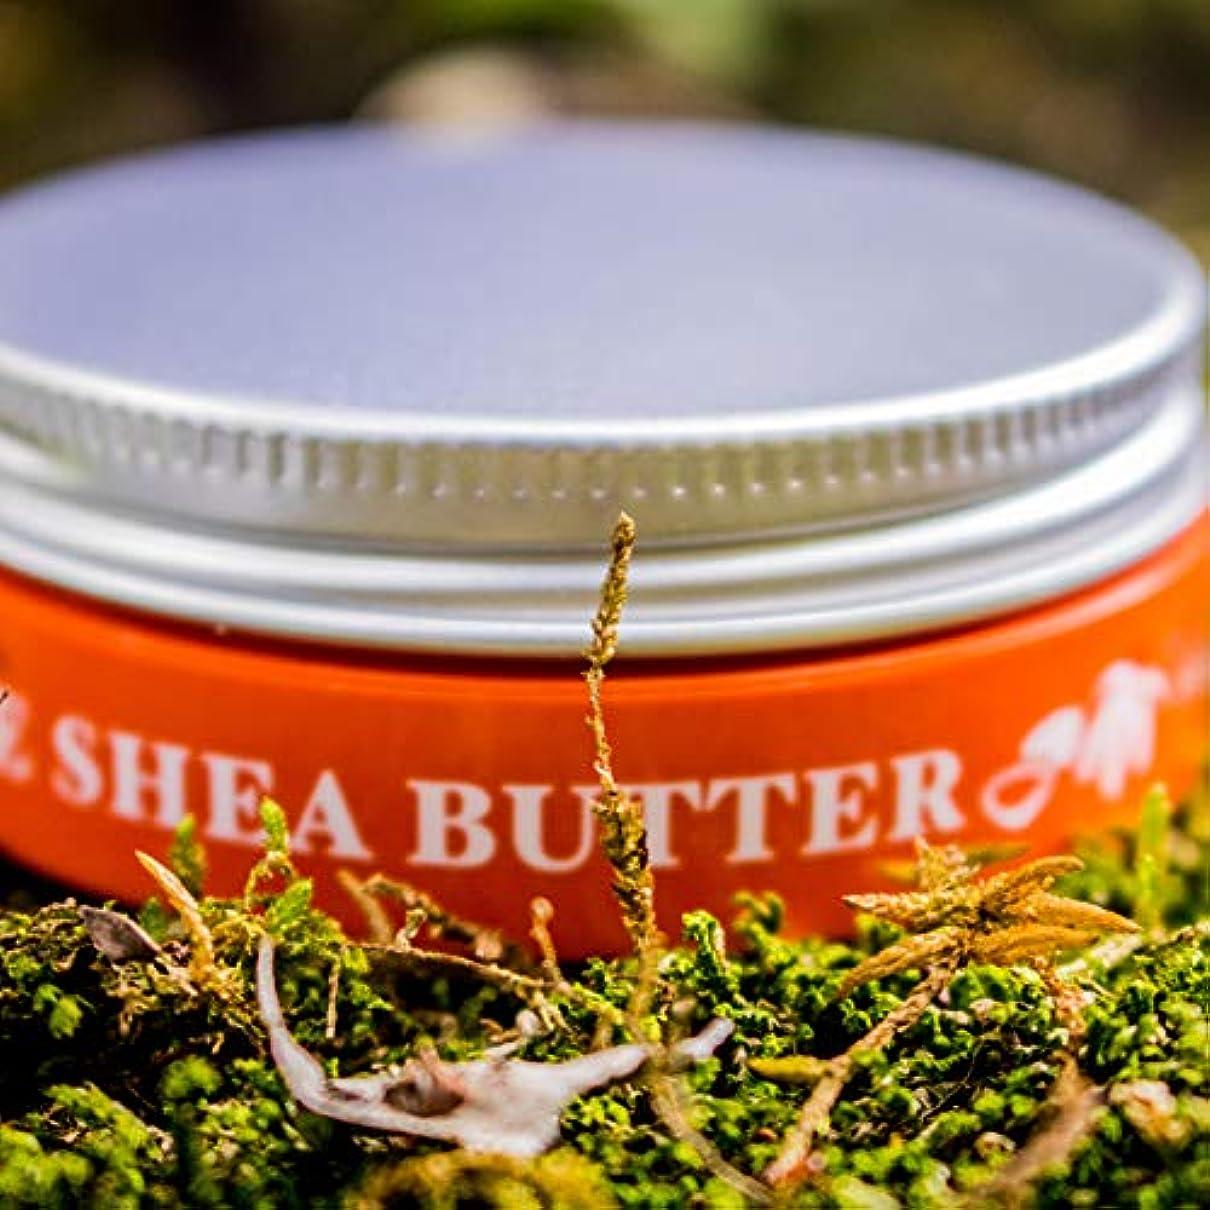 苦悩ピカソ管理するJUJUBODY TRUE SHEA BUTTER 未精製シアバター(25g) (無香料)